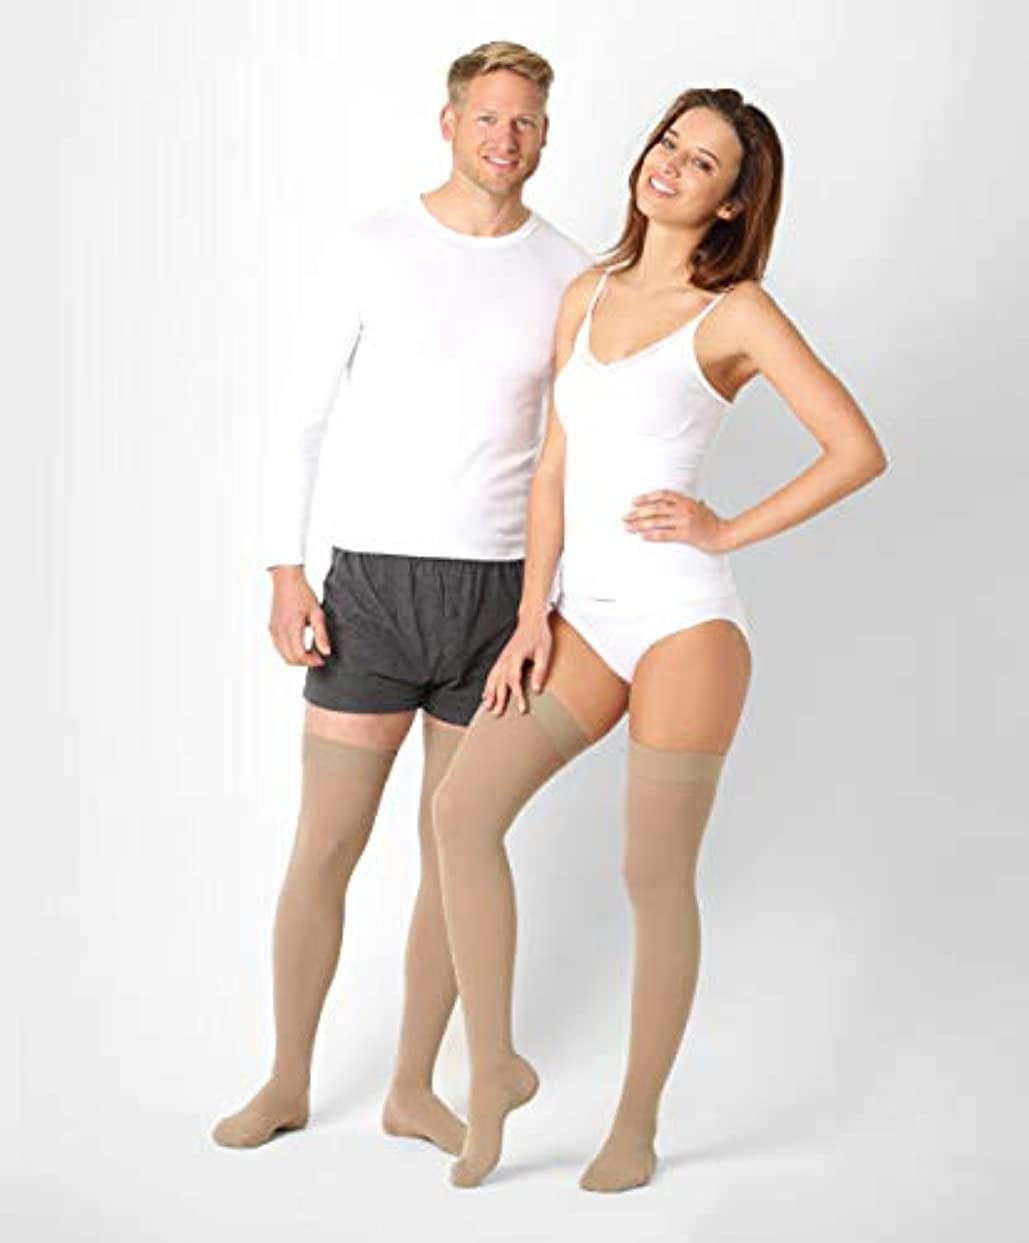 不名誉なメディア乱暴なBeFit24 医療用着圧ストッキング クラス 1 (18-21 mmHg) 男性?女性用 ーあらゆるラ イフスタイルのニーズに対応ー ヨーロッパ製 X-Large Beige